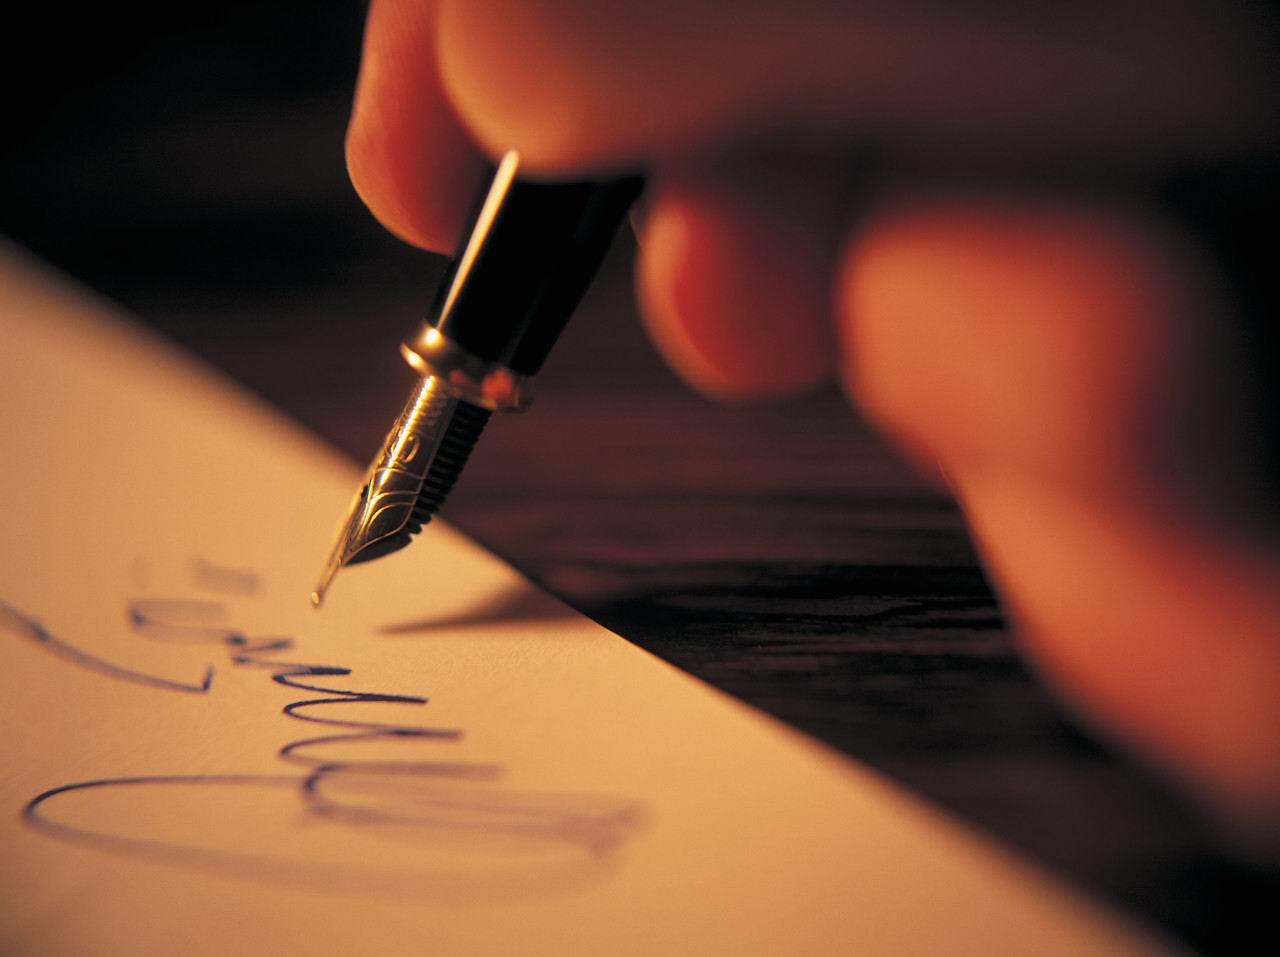 L'écriture du livre